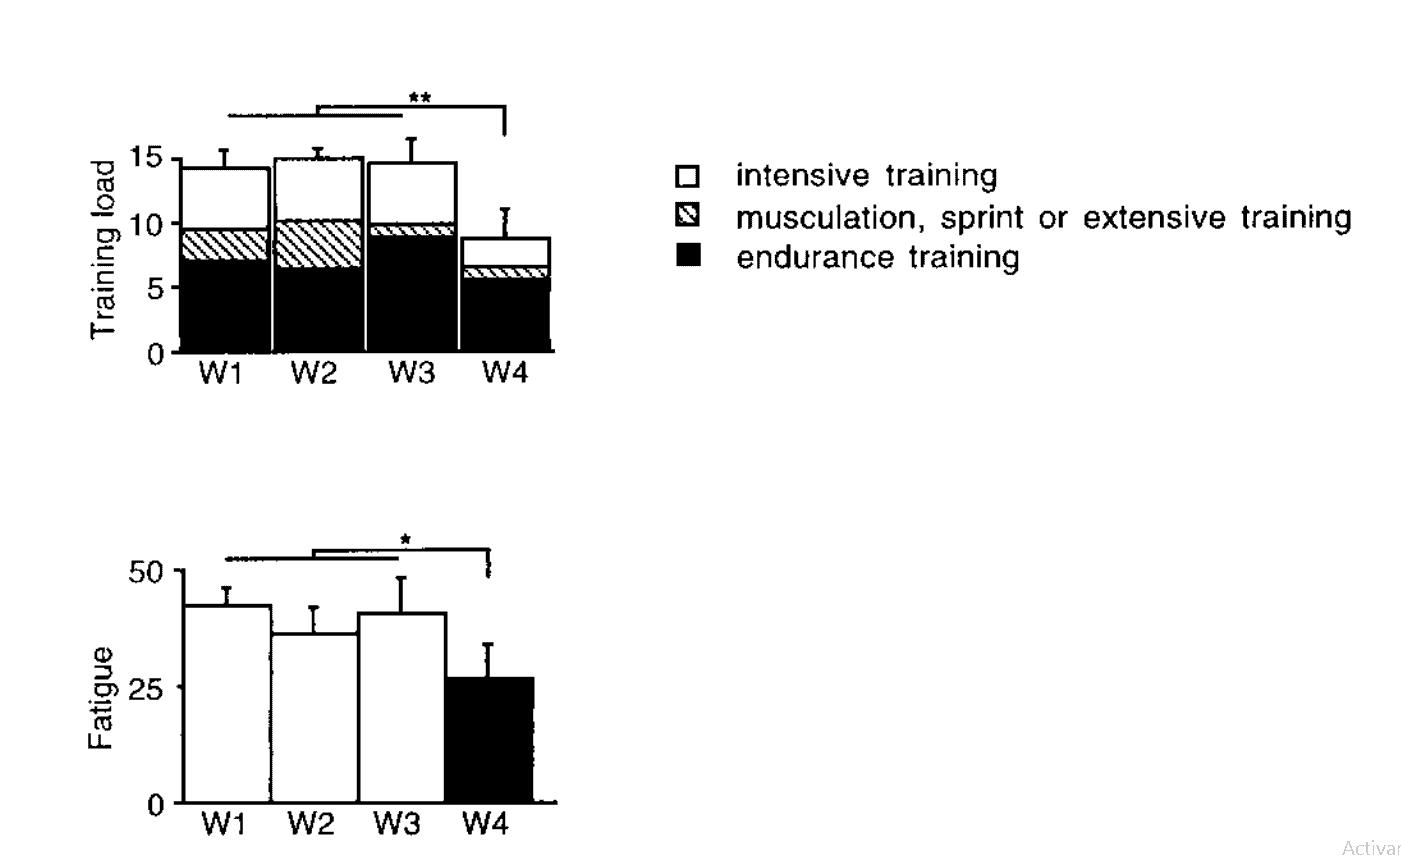 Figura 6. Carga de entrenamiento